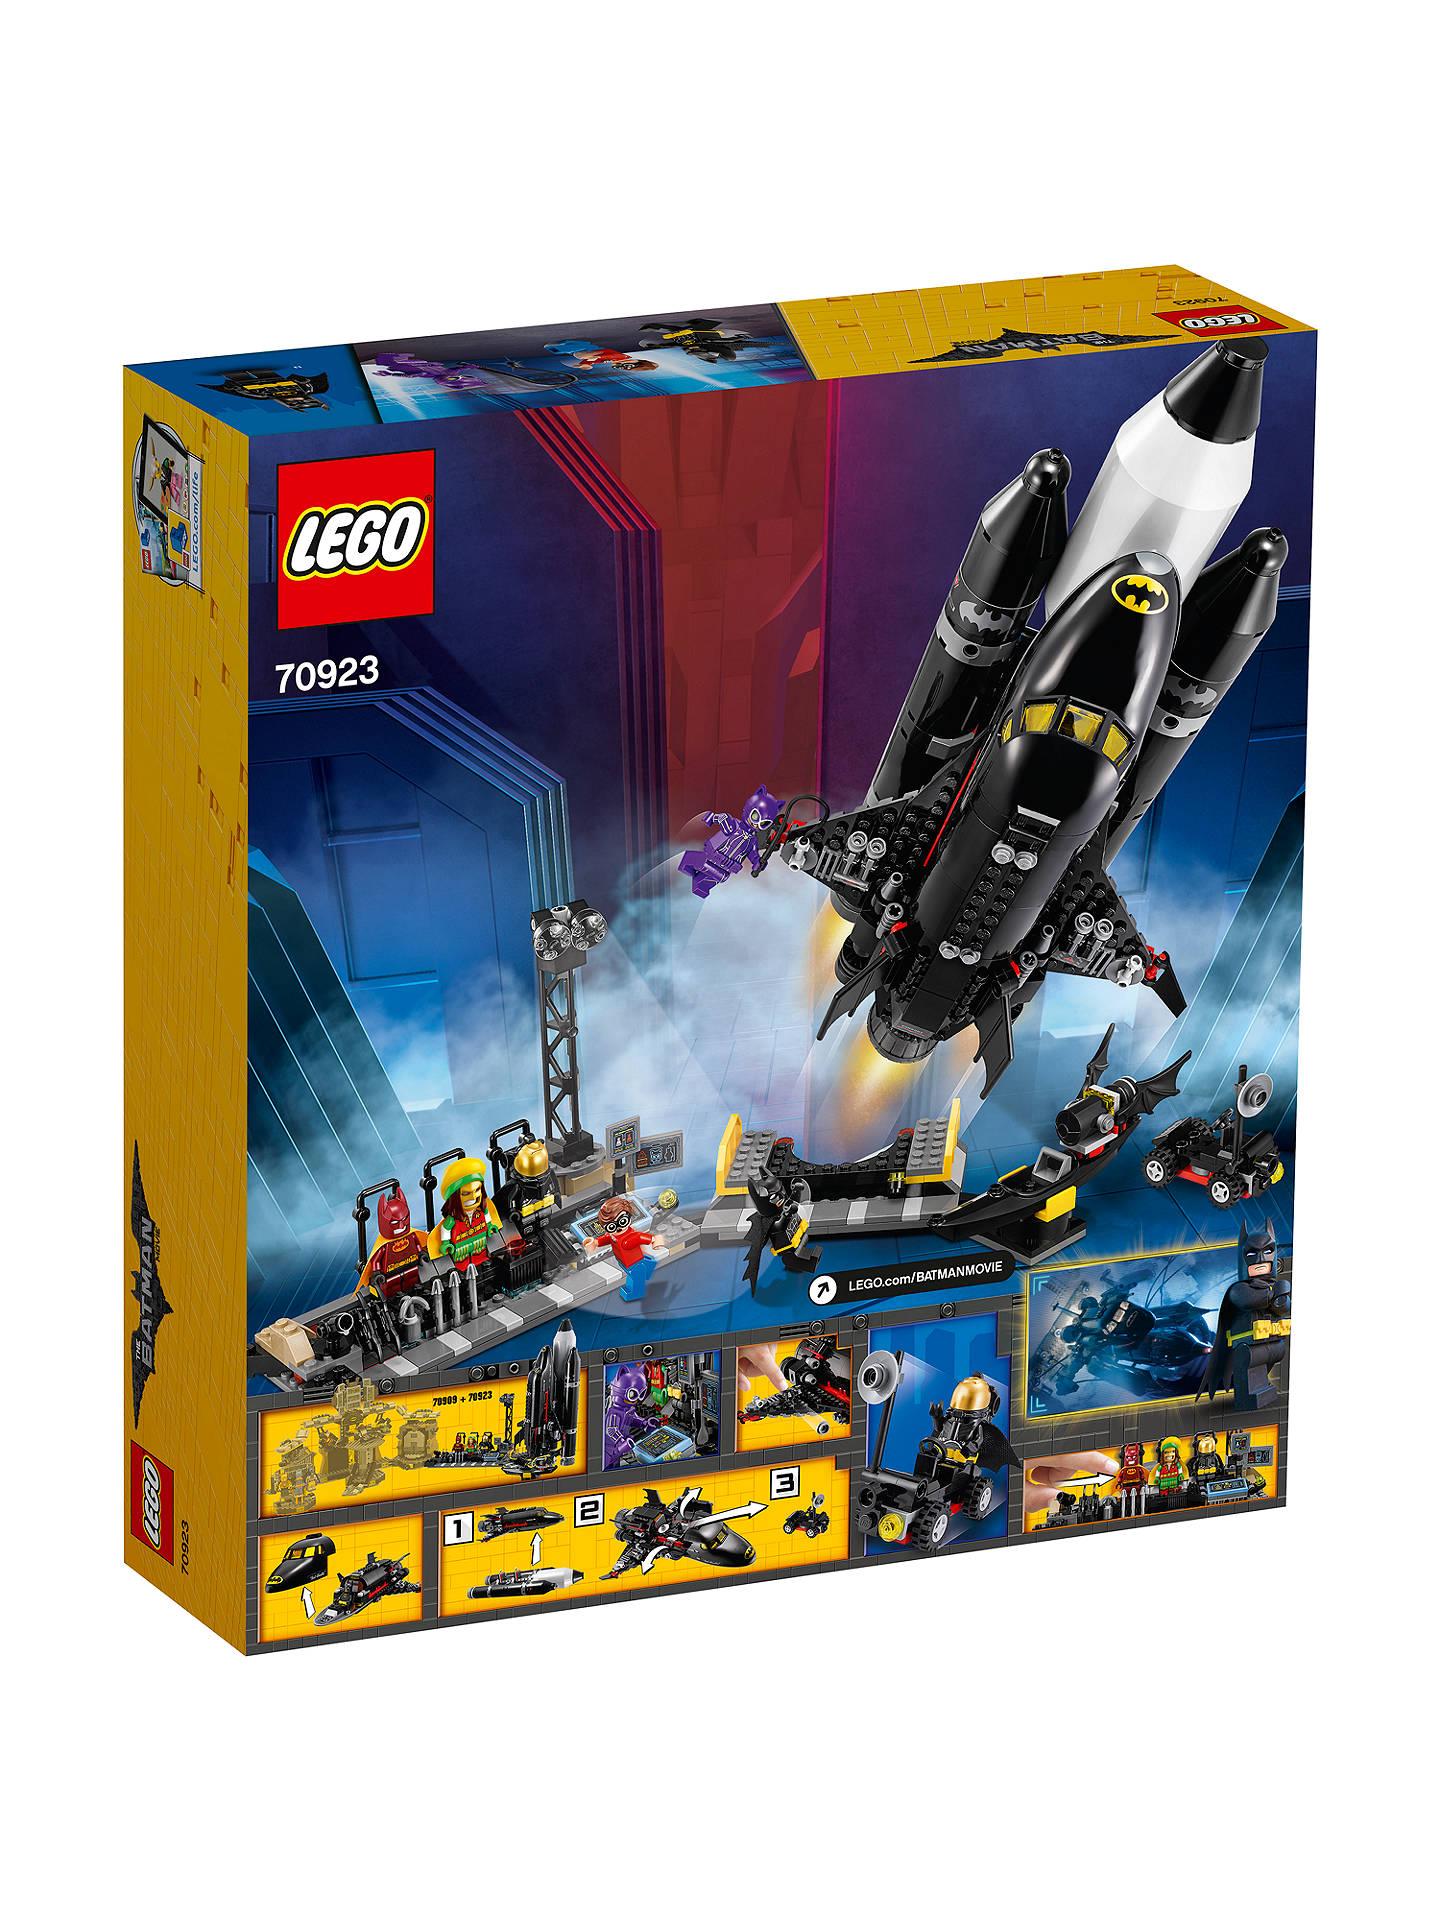 lego batman space shuttle uk - photo #19